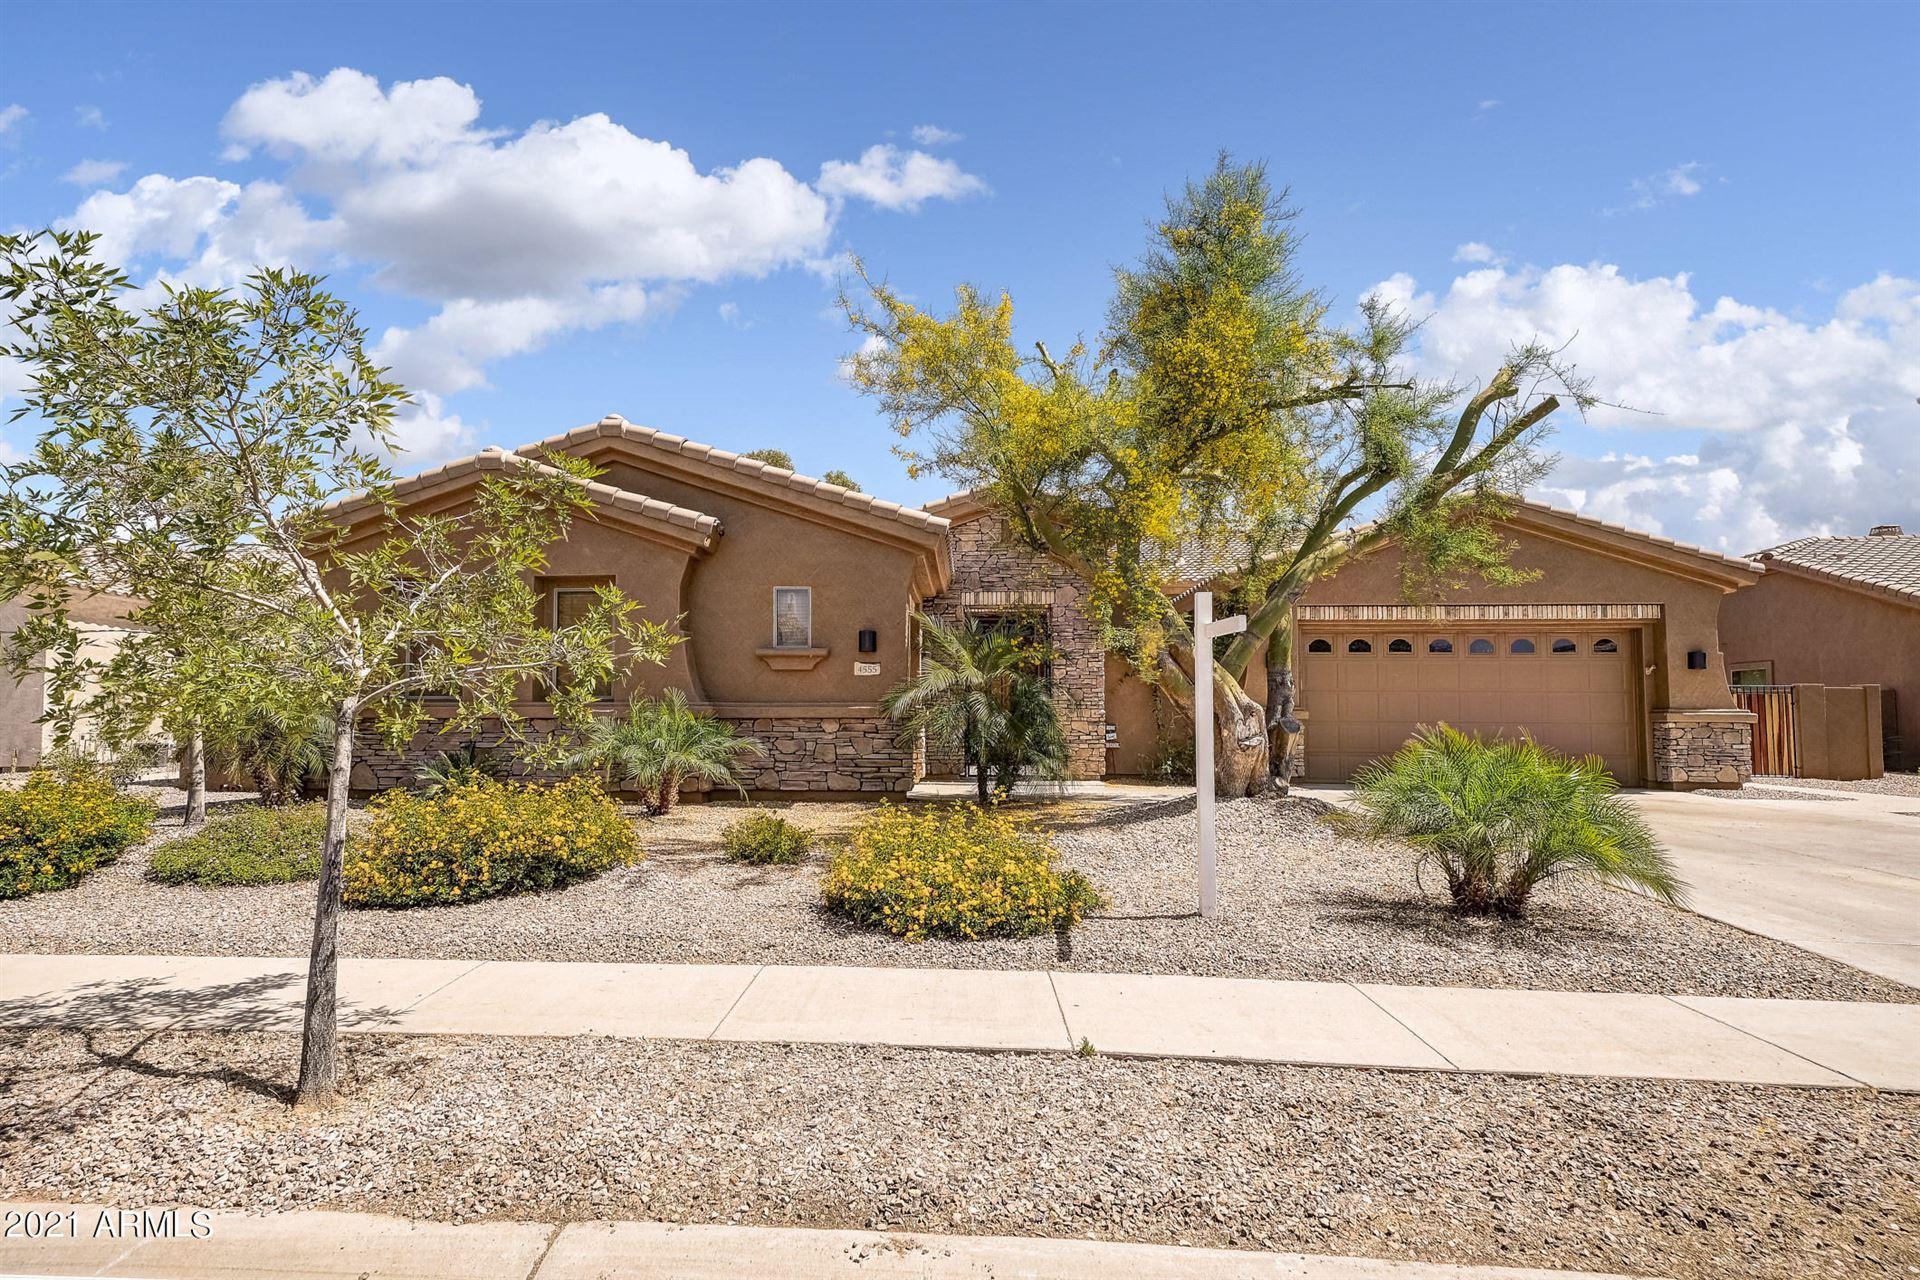 4555 E TIMBERLINE Court, Gilbert, AZ 85297 - MLS#: 6226908